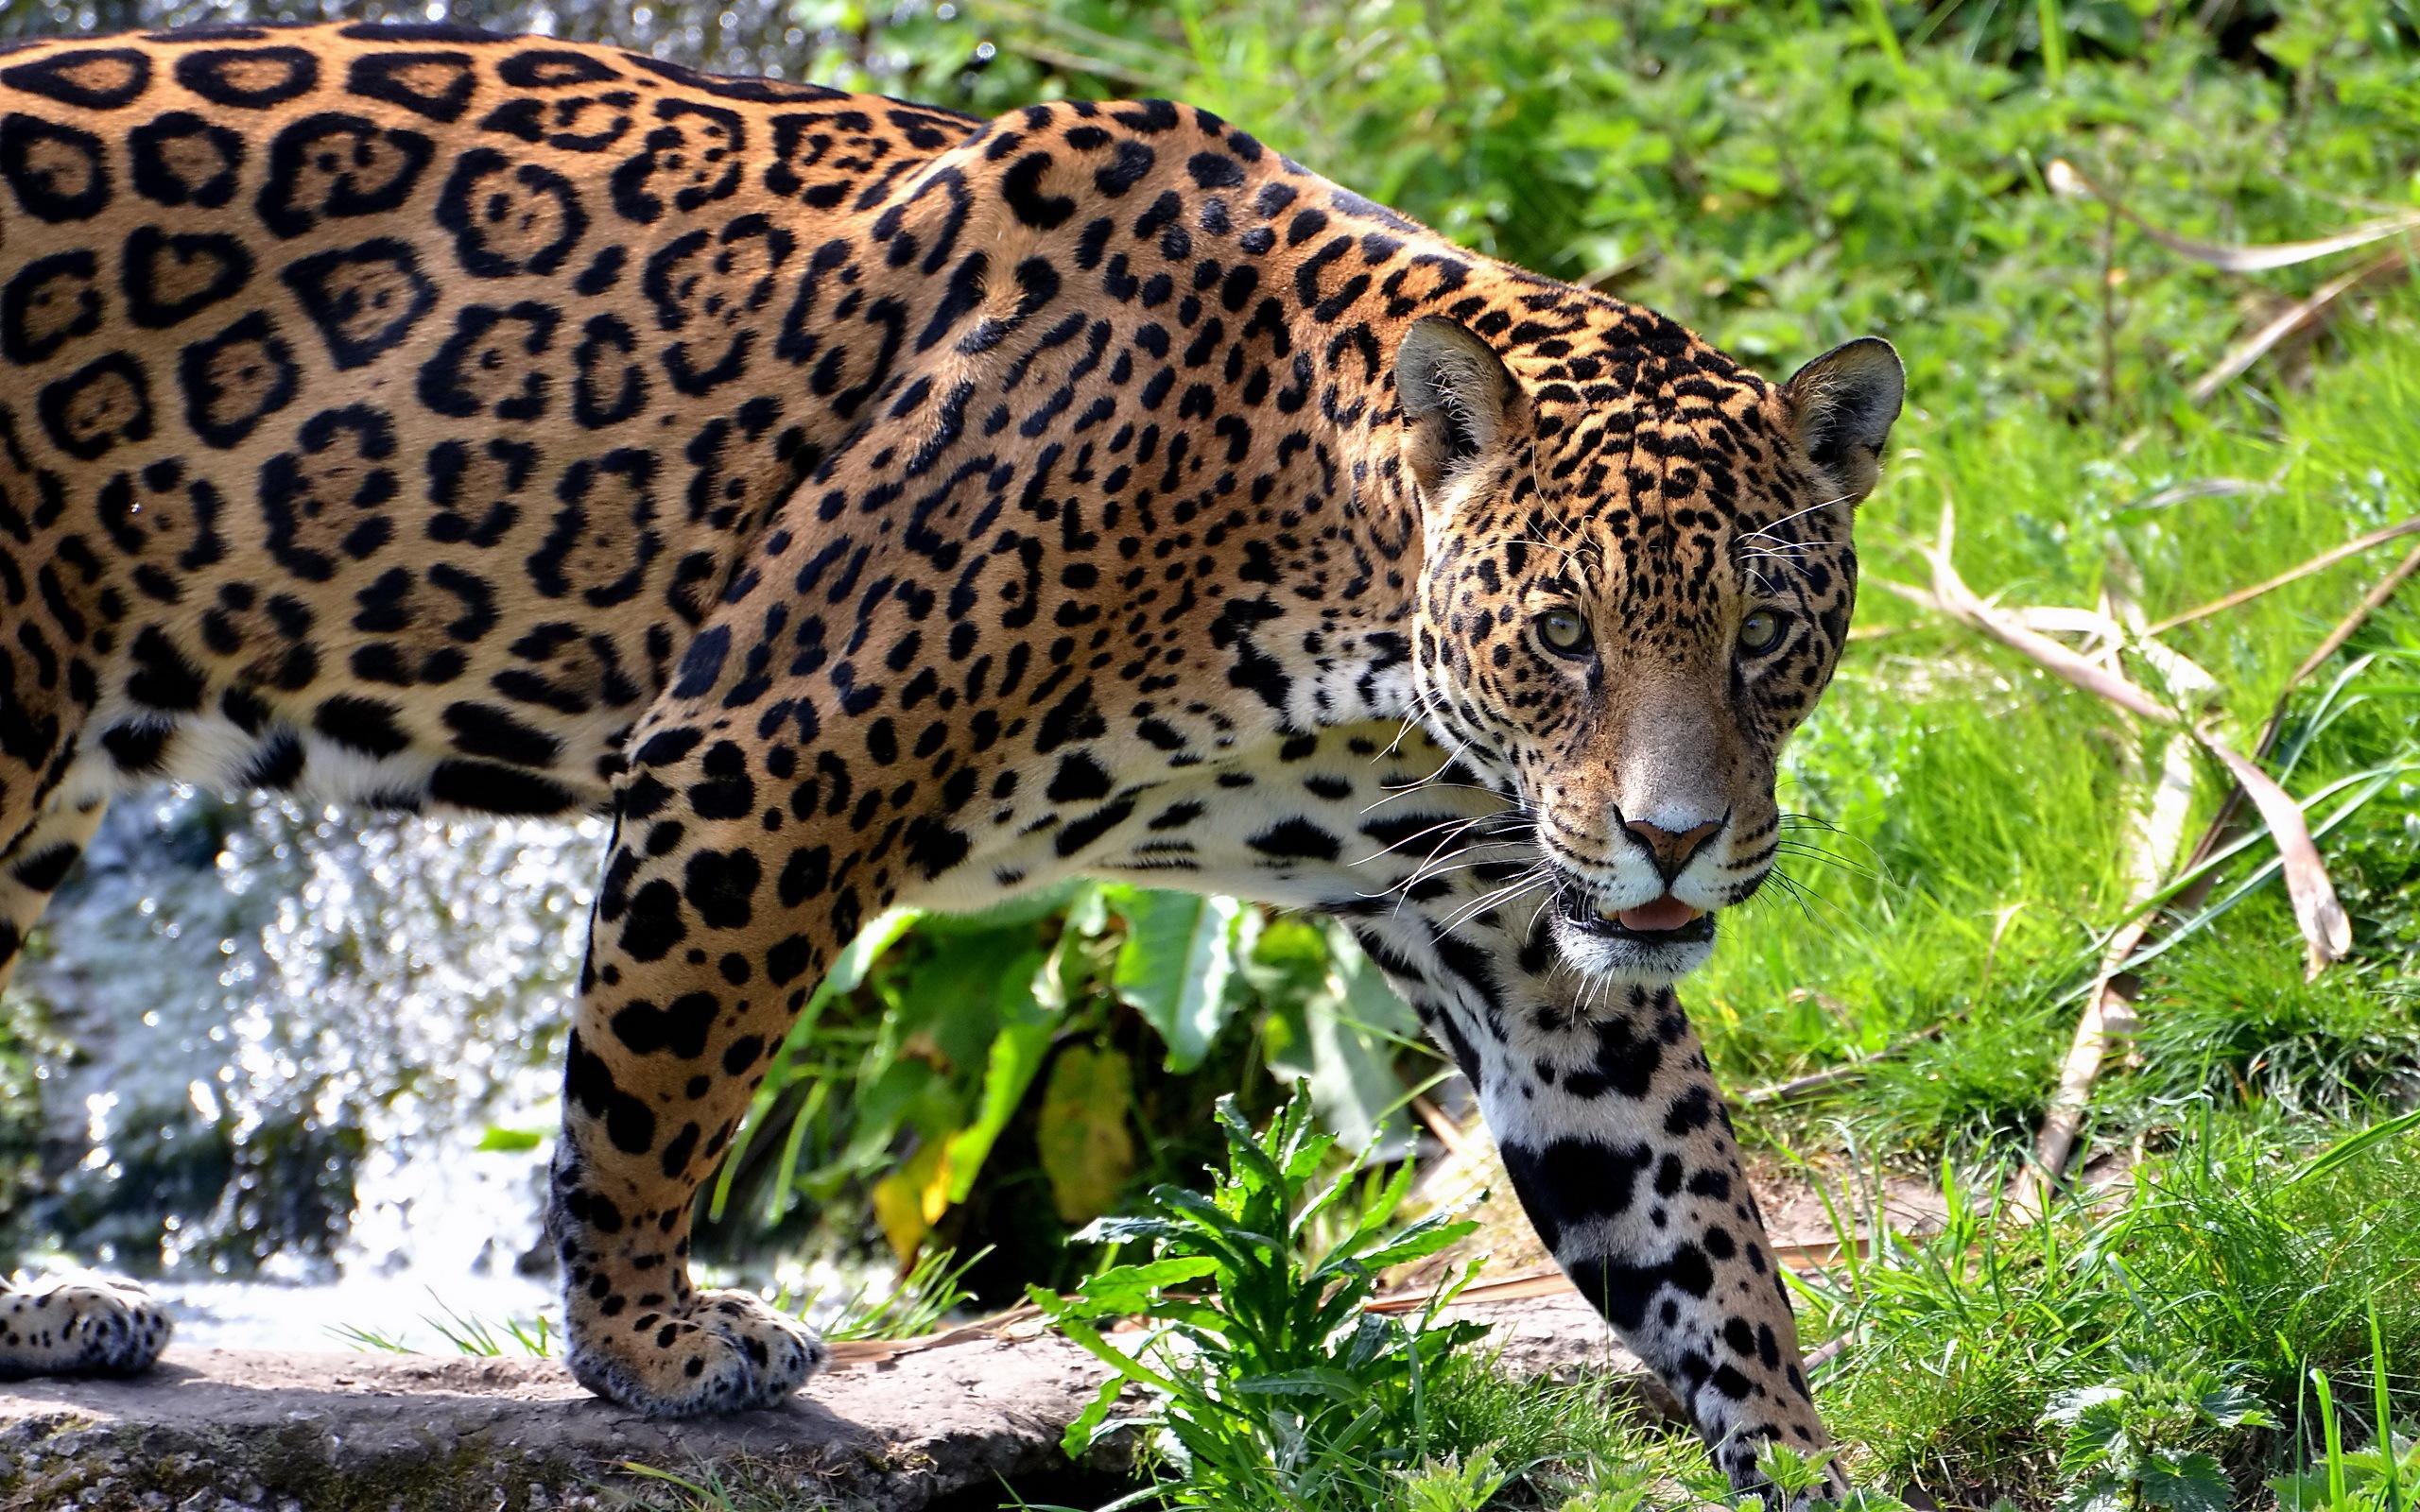 Fondos De Pantalla De Felinos: Fondos De Pantalla 2560x1600 Grandes Felinos Jaguar